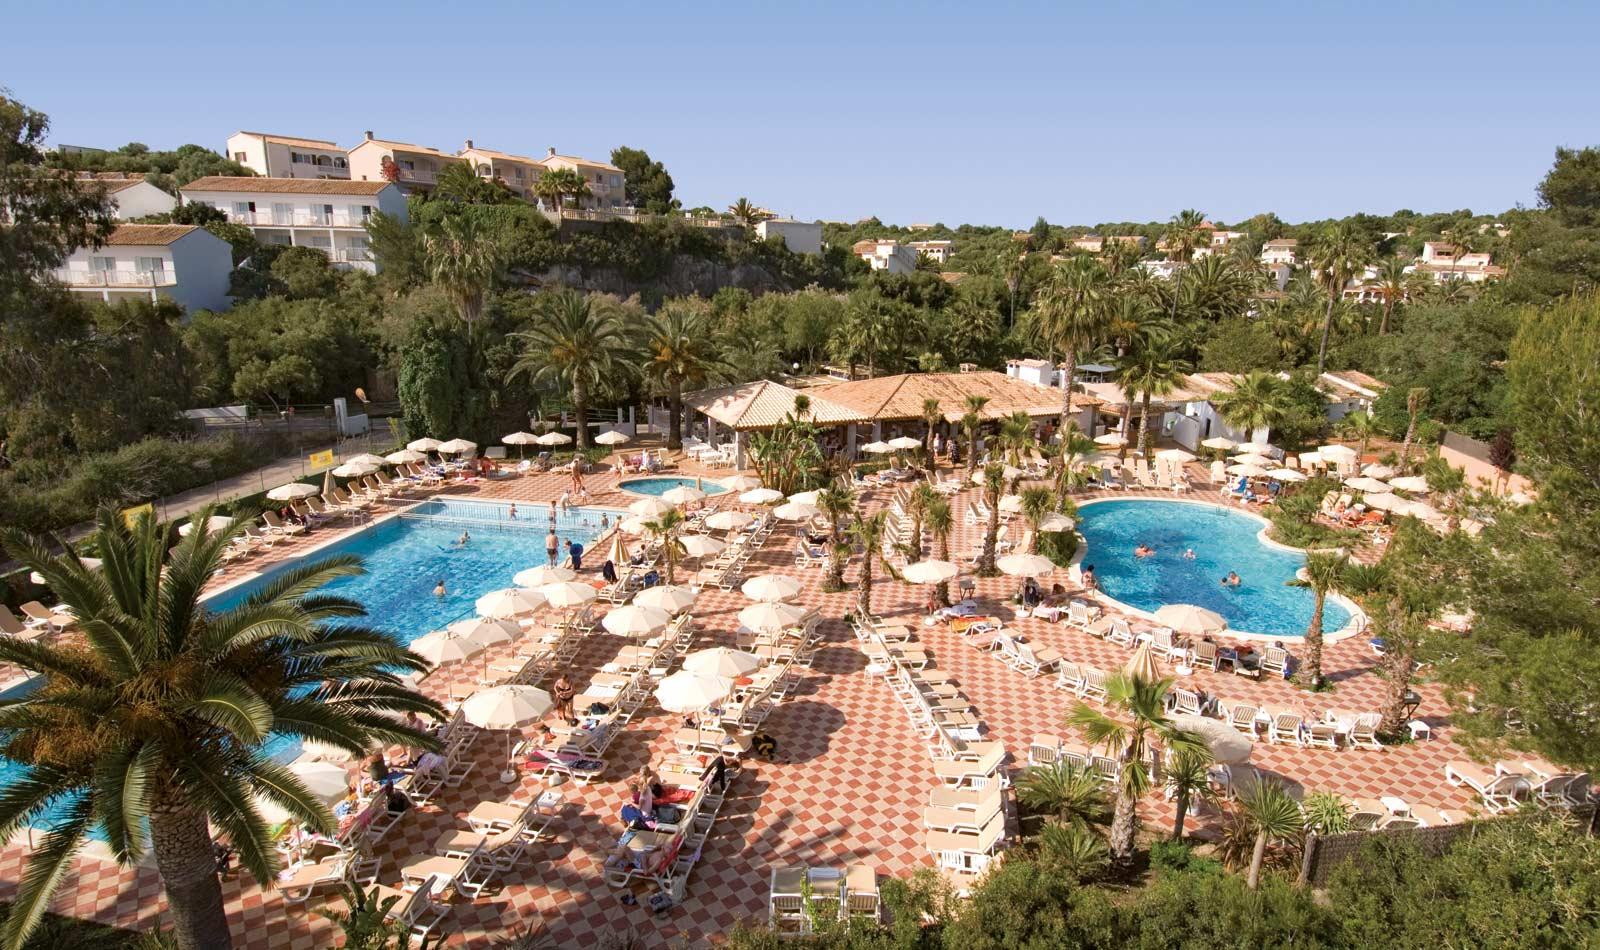 Tui Hotel Riu Romantica Mallorca